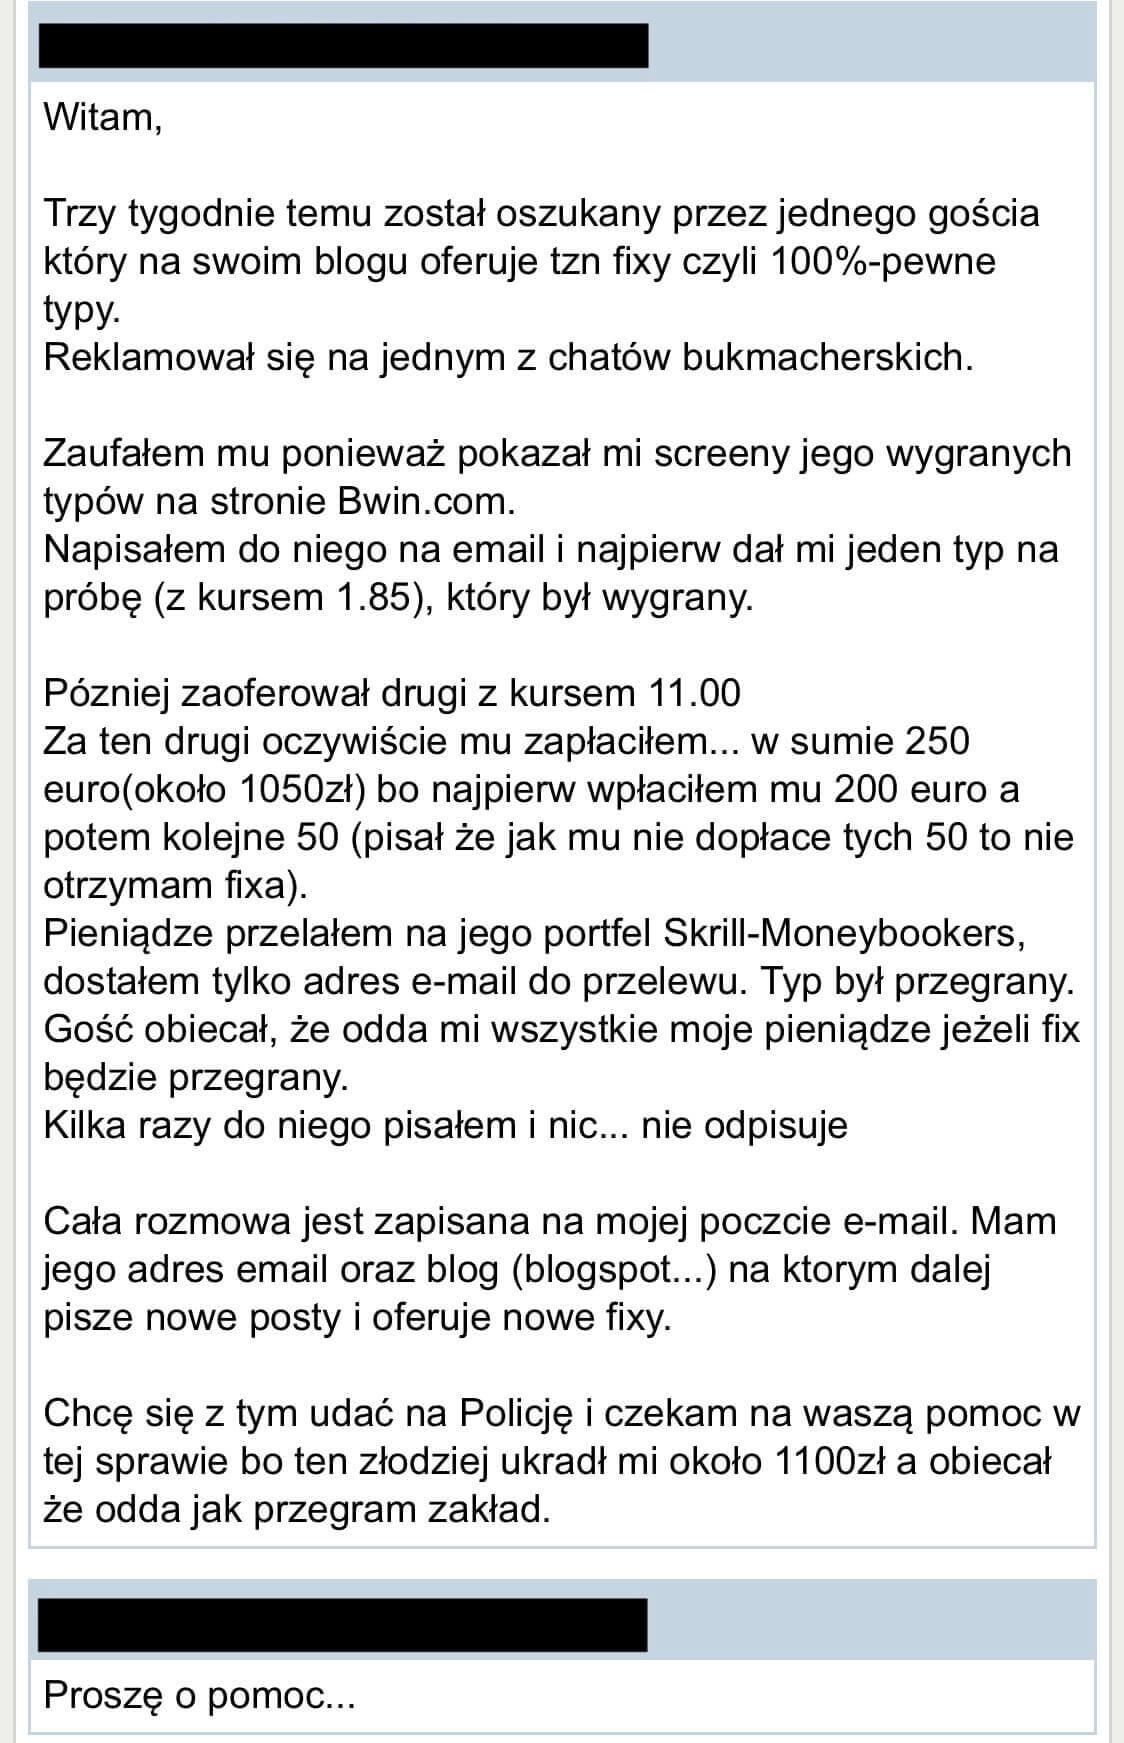 Oszukany gracz zakładów bukmacherskich - skarga